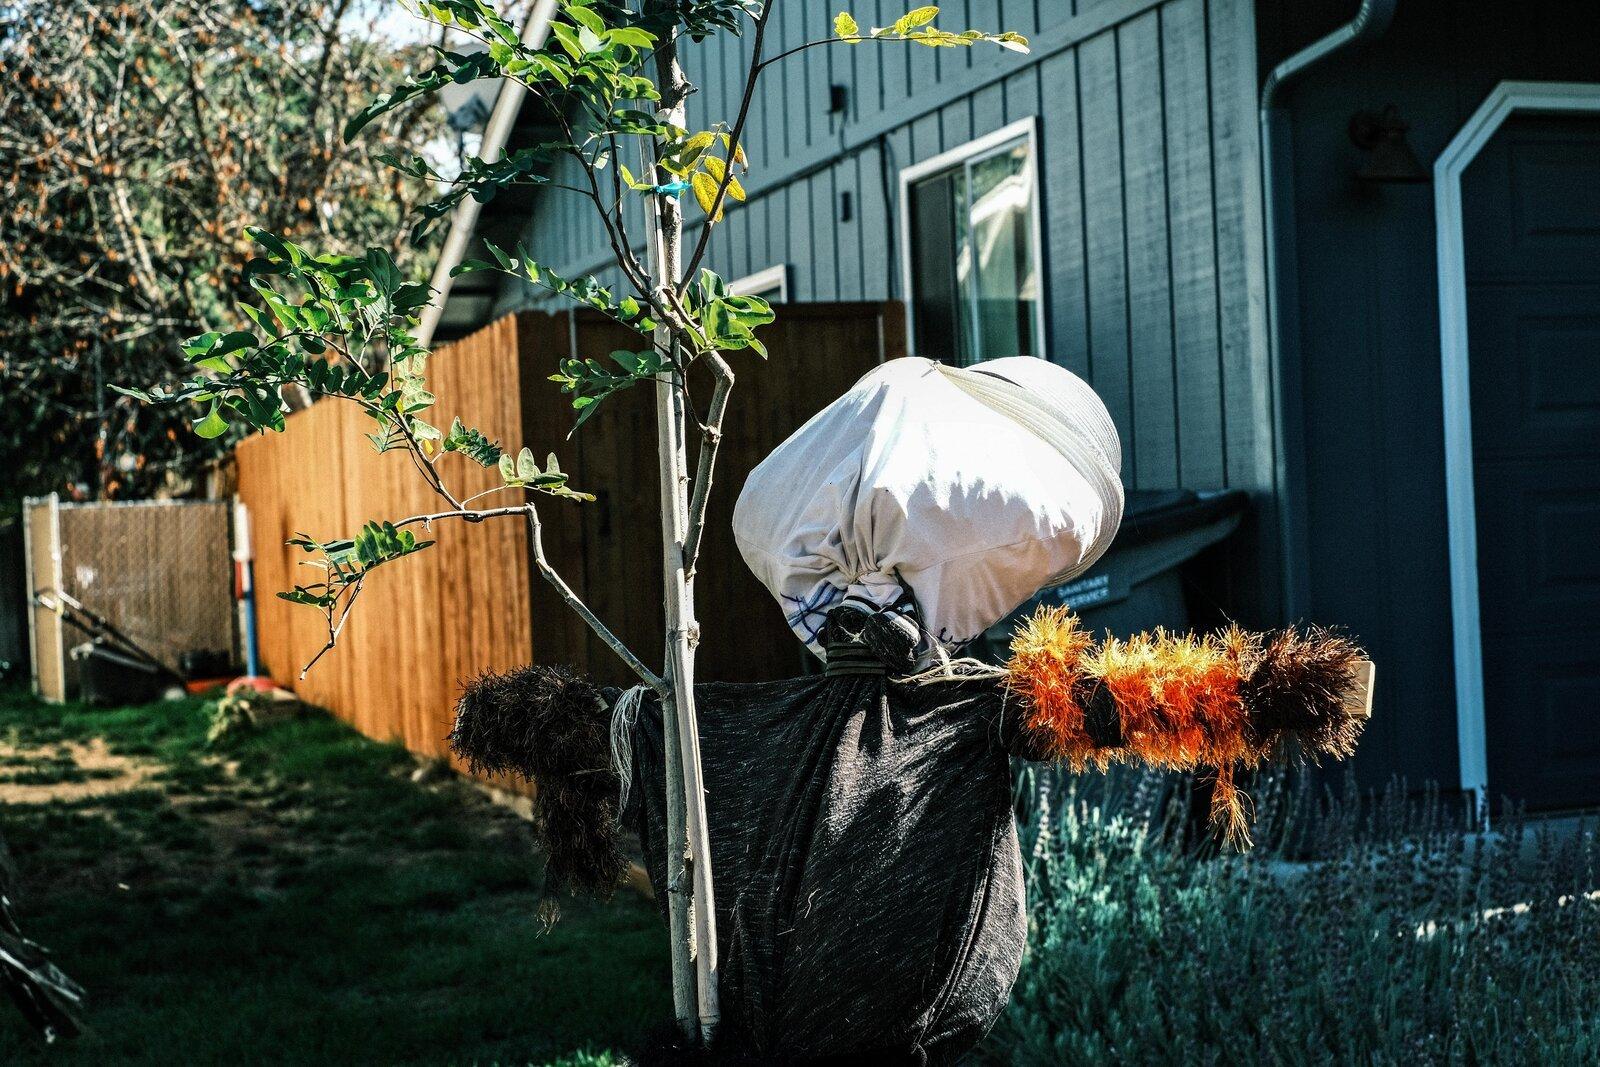 XPro3_Oct6_21_Halloween_Mannequin#3.jpg